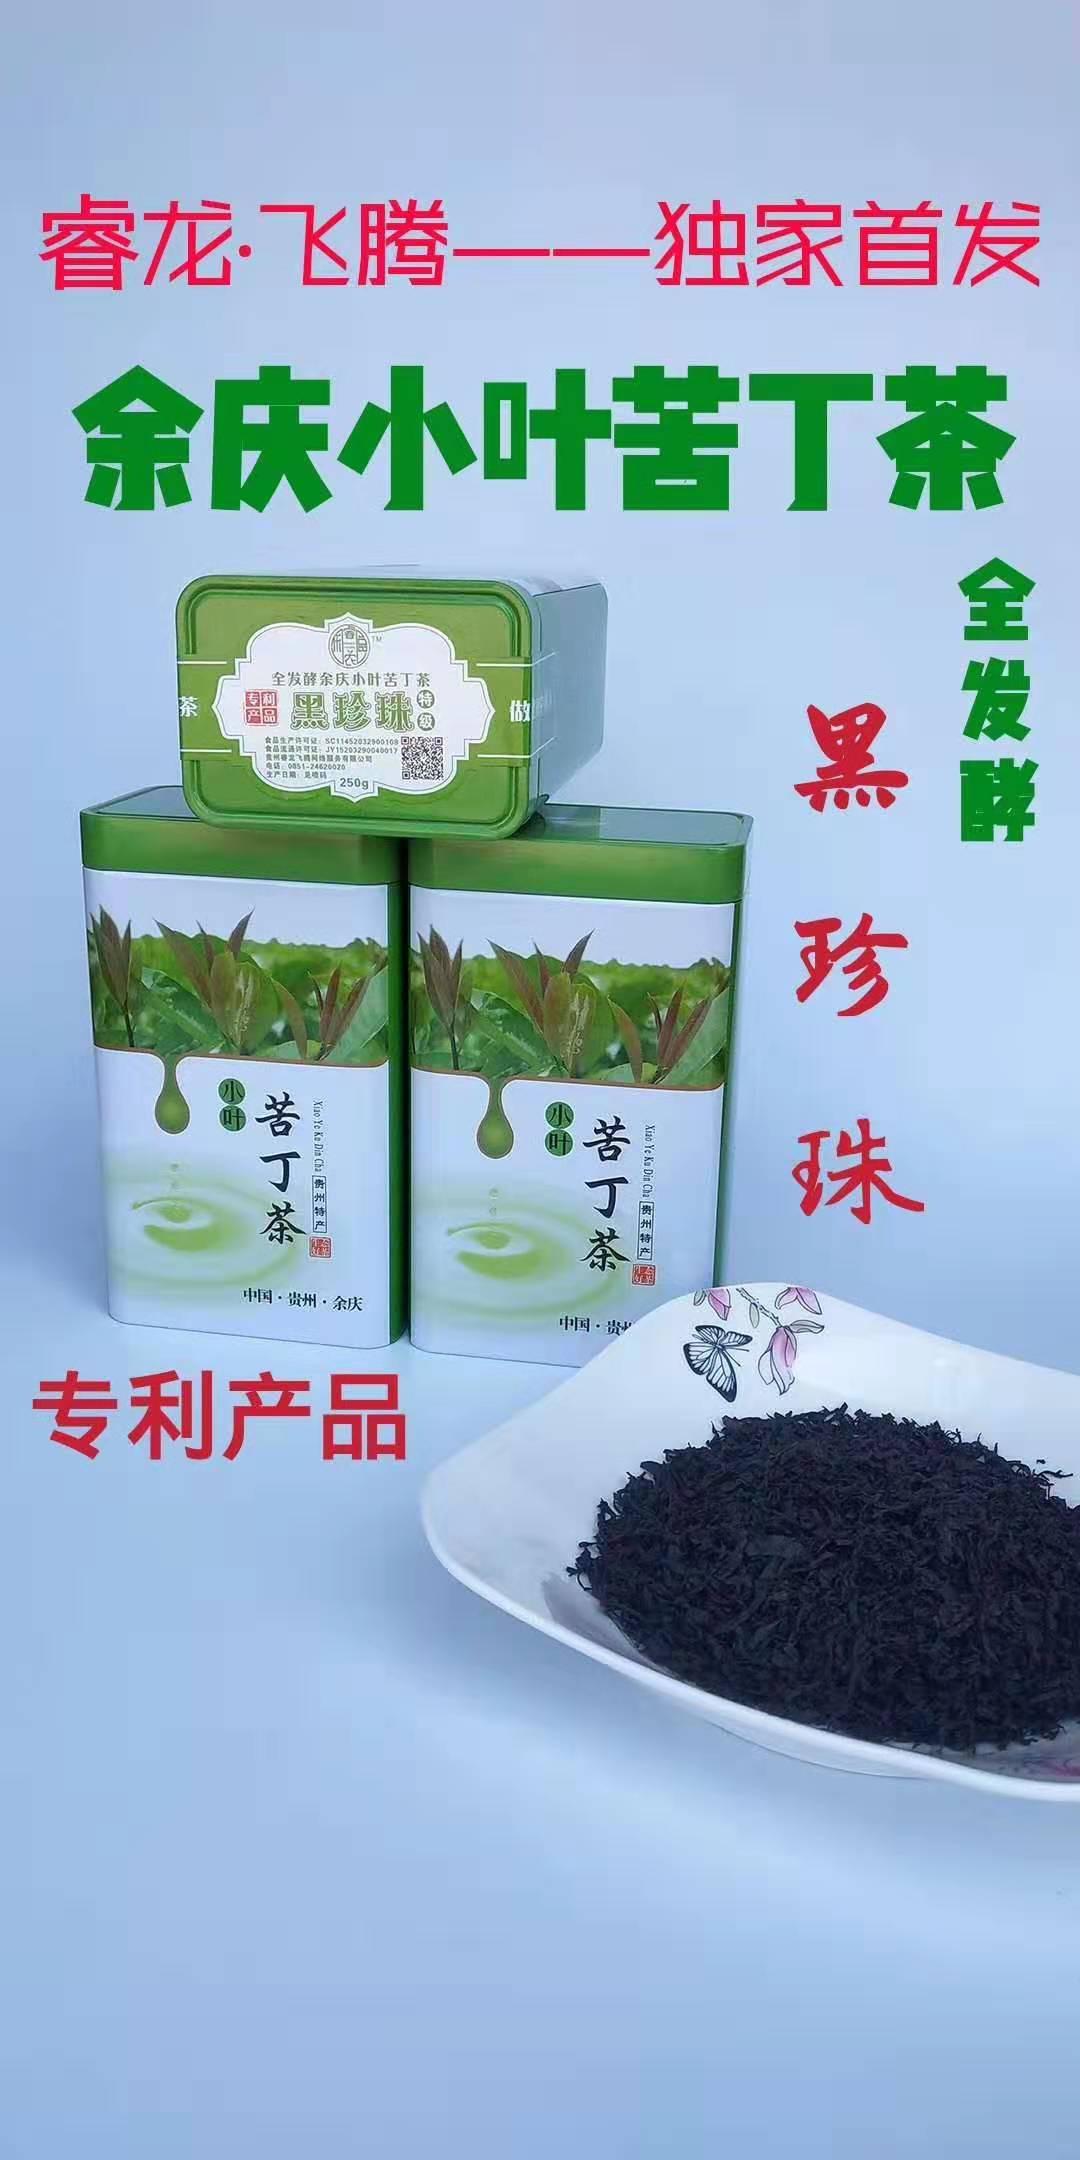 小叶苦丁茶  红茶发酵茶